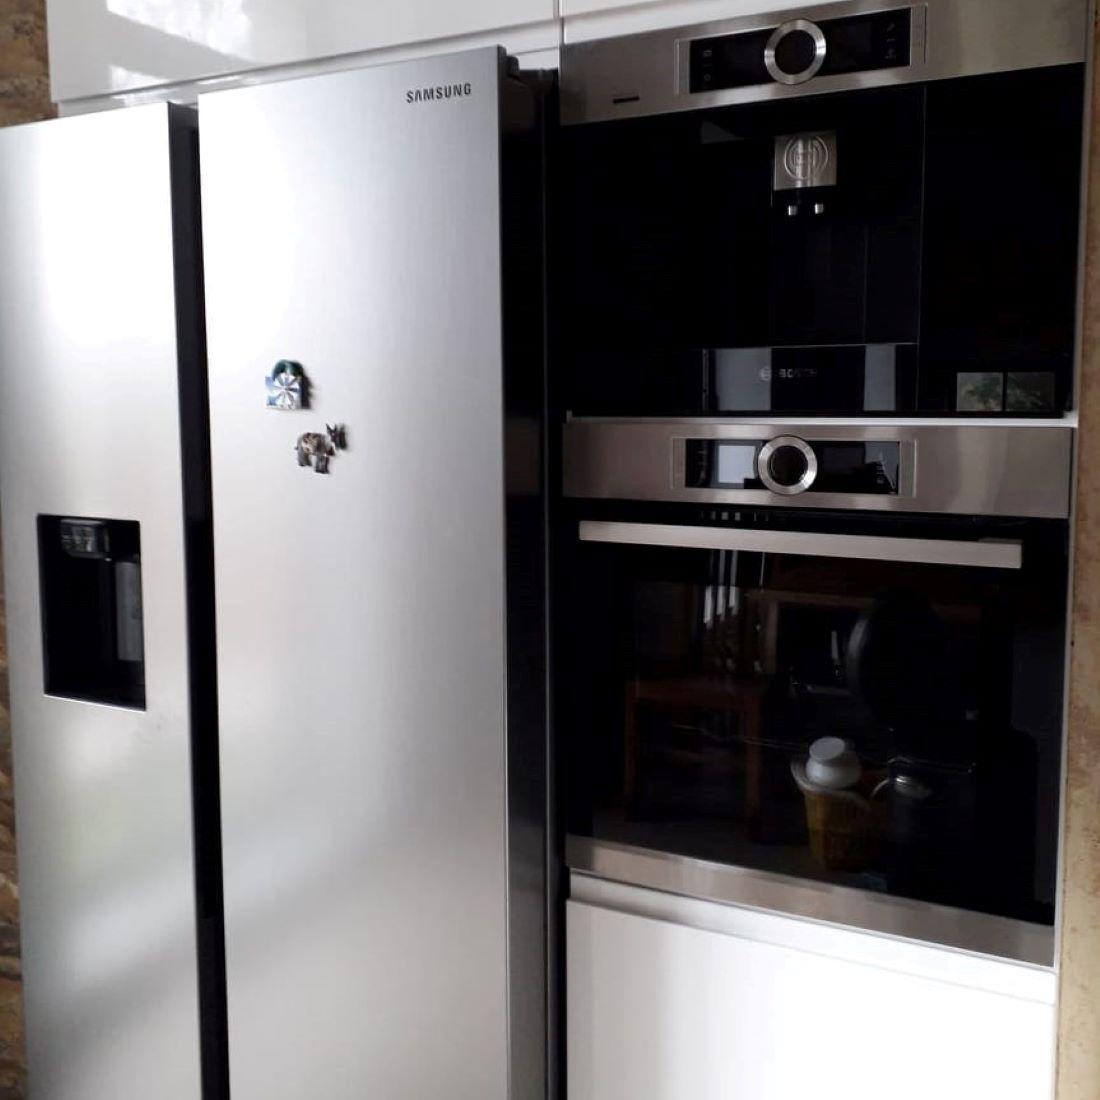 Moderne apparatuur keuken